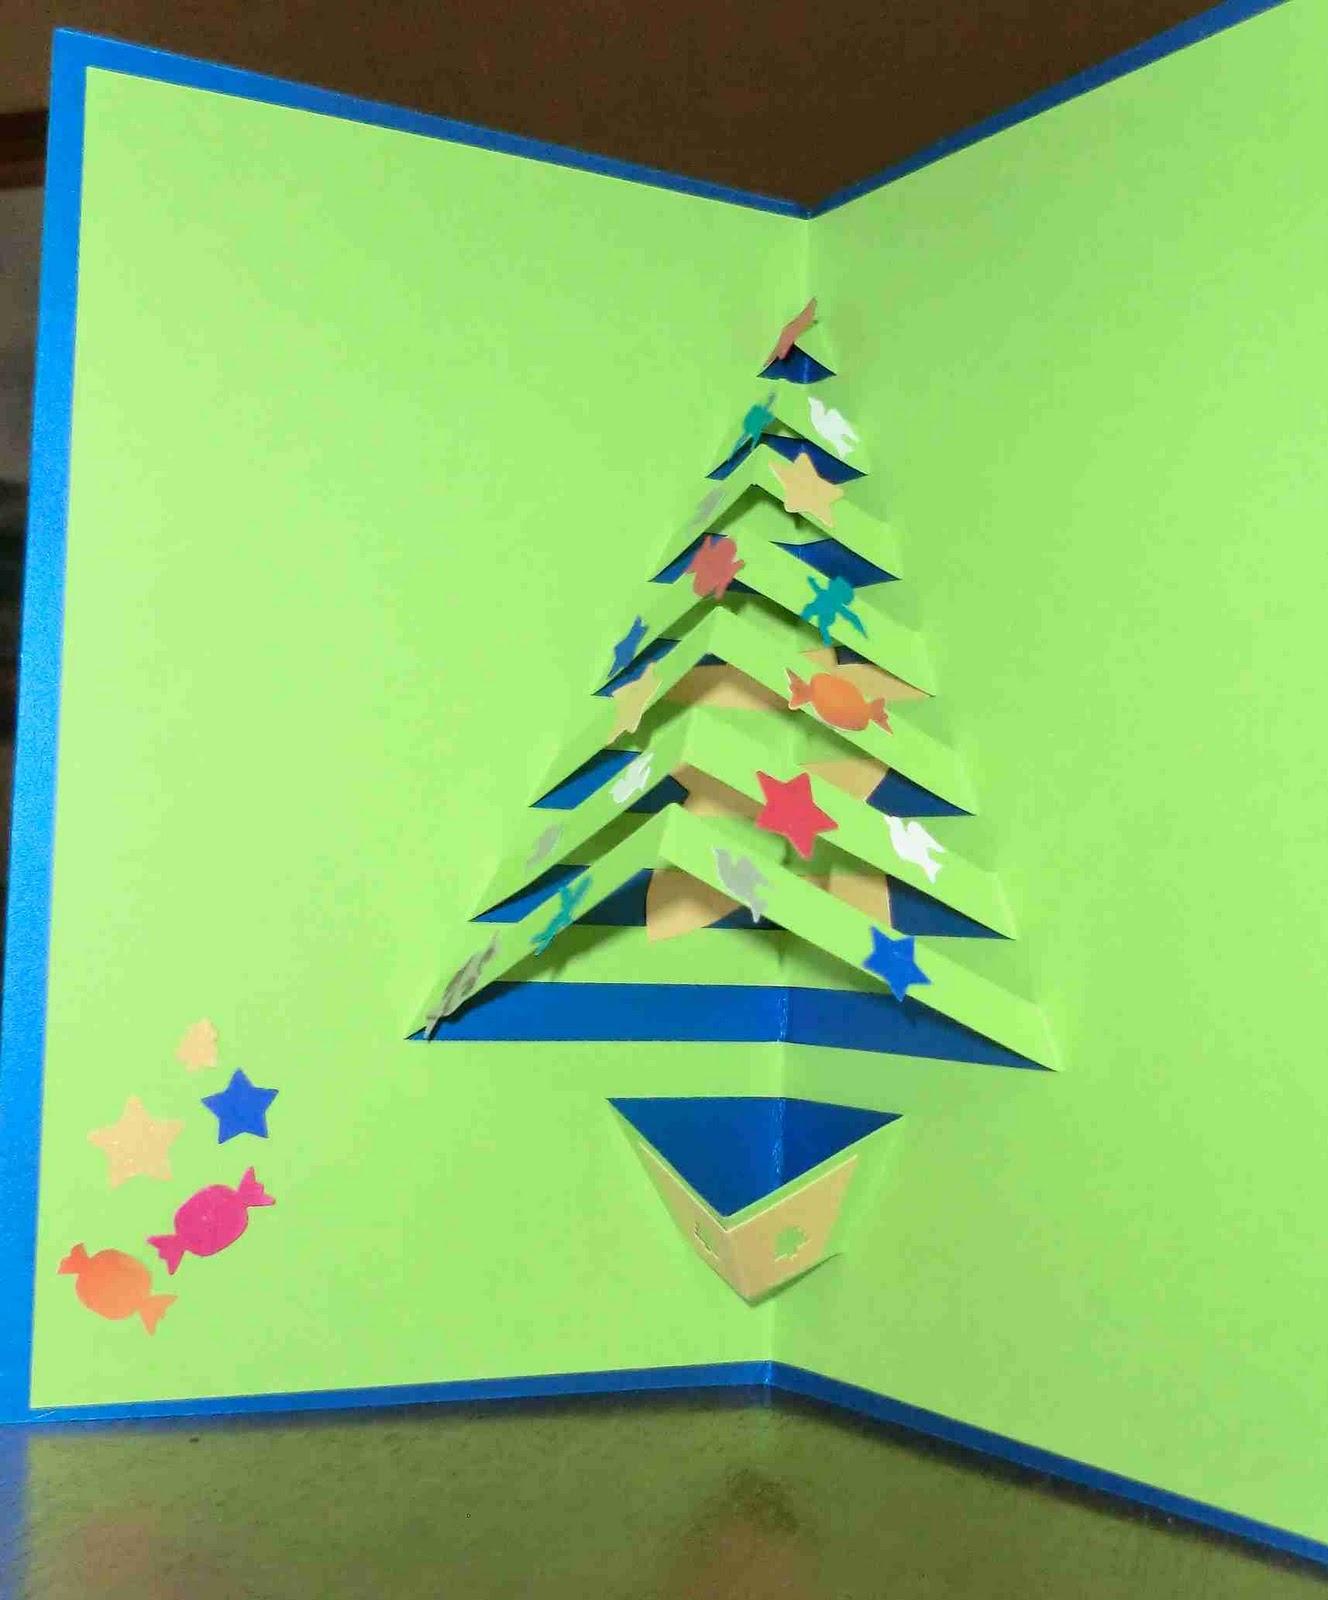 Artefacto creativo tarjetas navide as 3d - Postales navidenas creativas ...